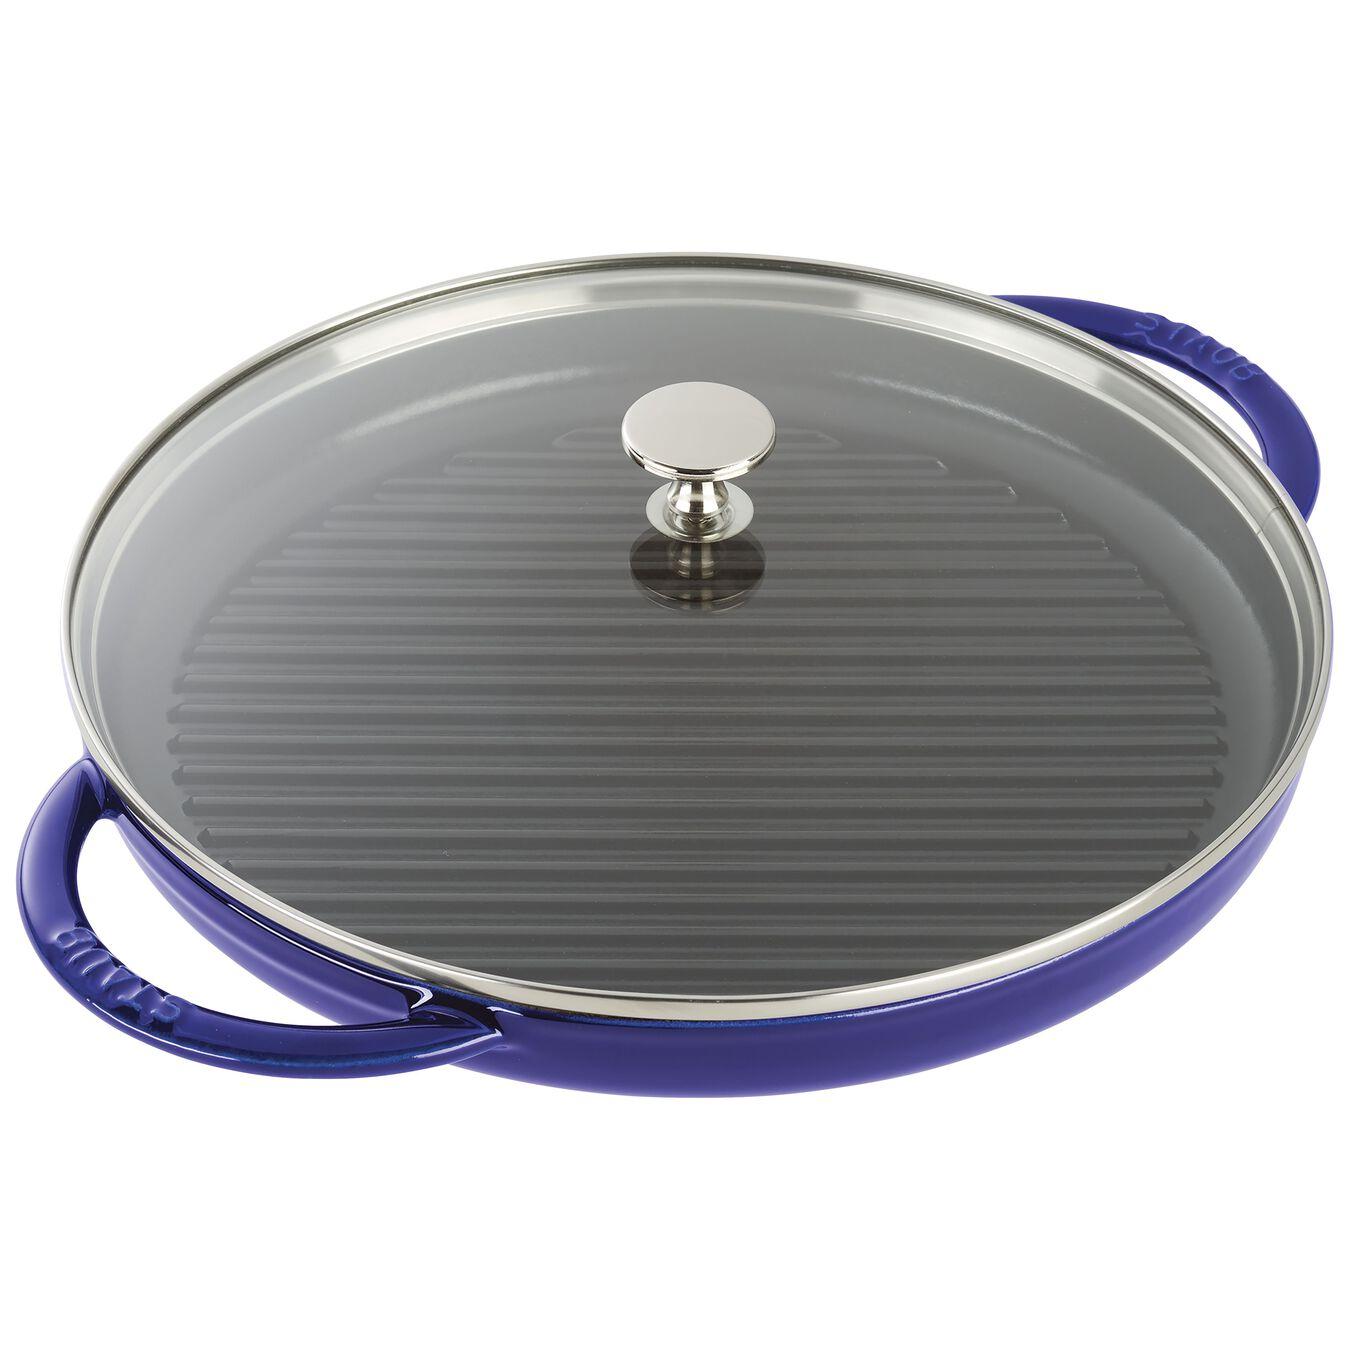 12-inch Round Steam Grill - Dark Blue,,large 1